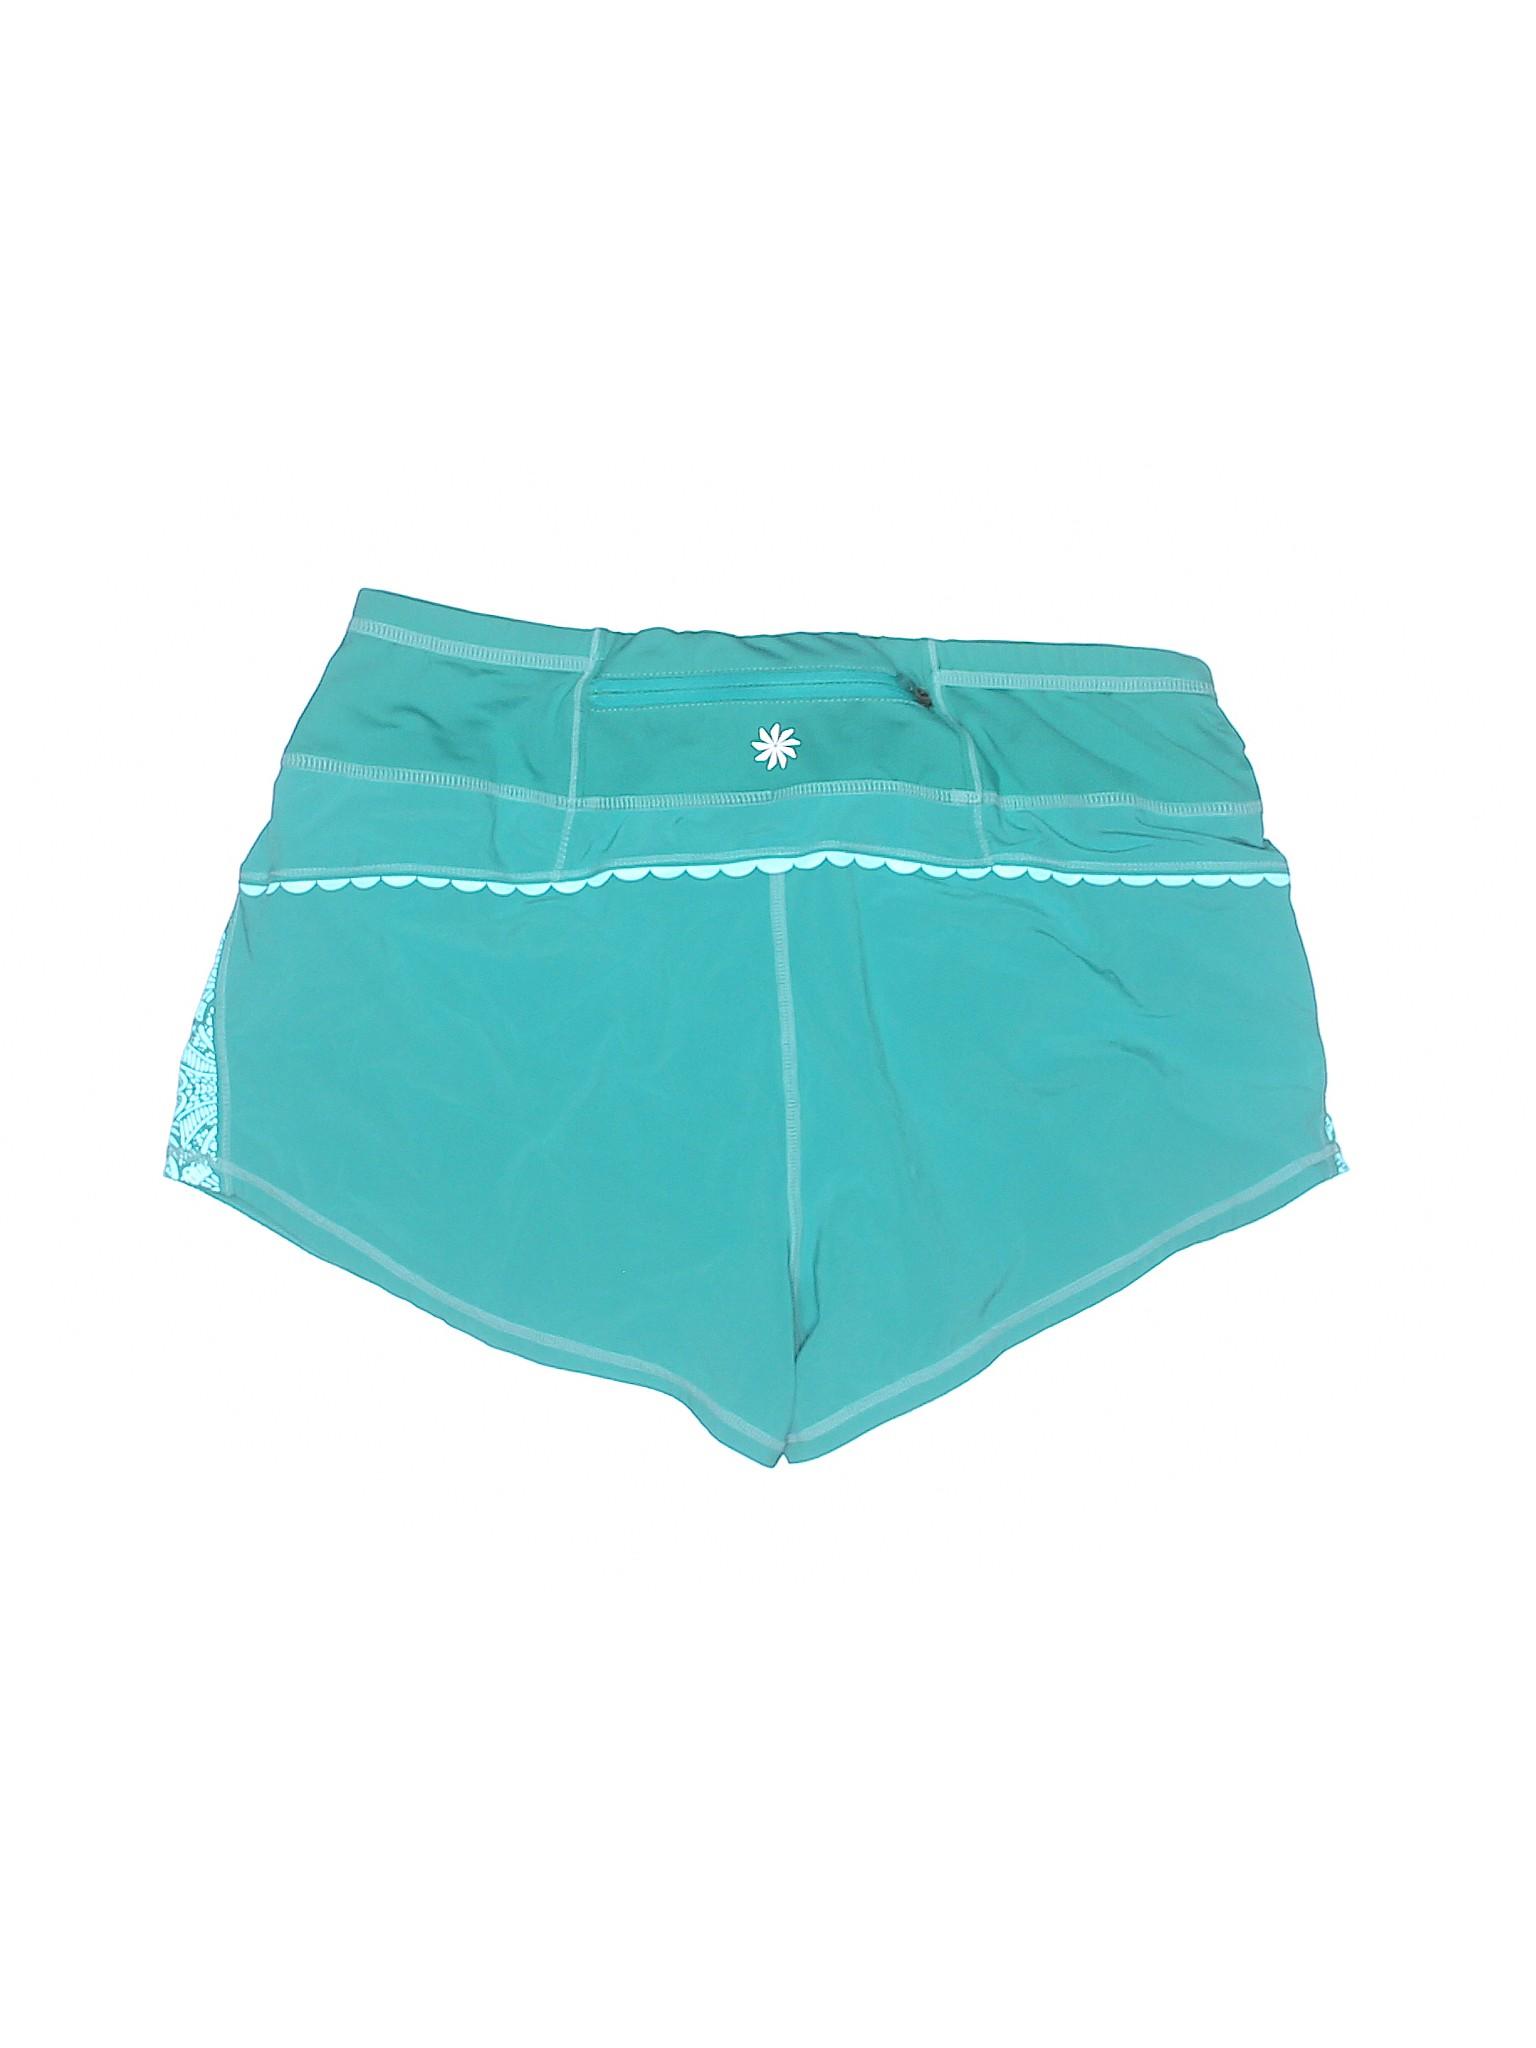 Boutique Athleta Shorts Boutique Athletic Athletic Shorts Athleta Shorts Athletic Boutique Athleta Iqx7S1wS